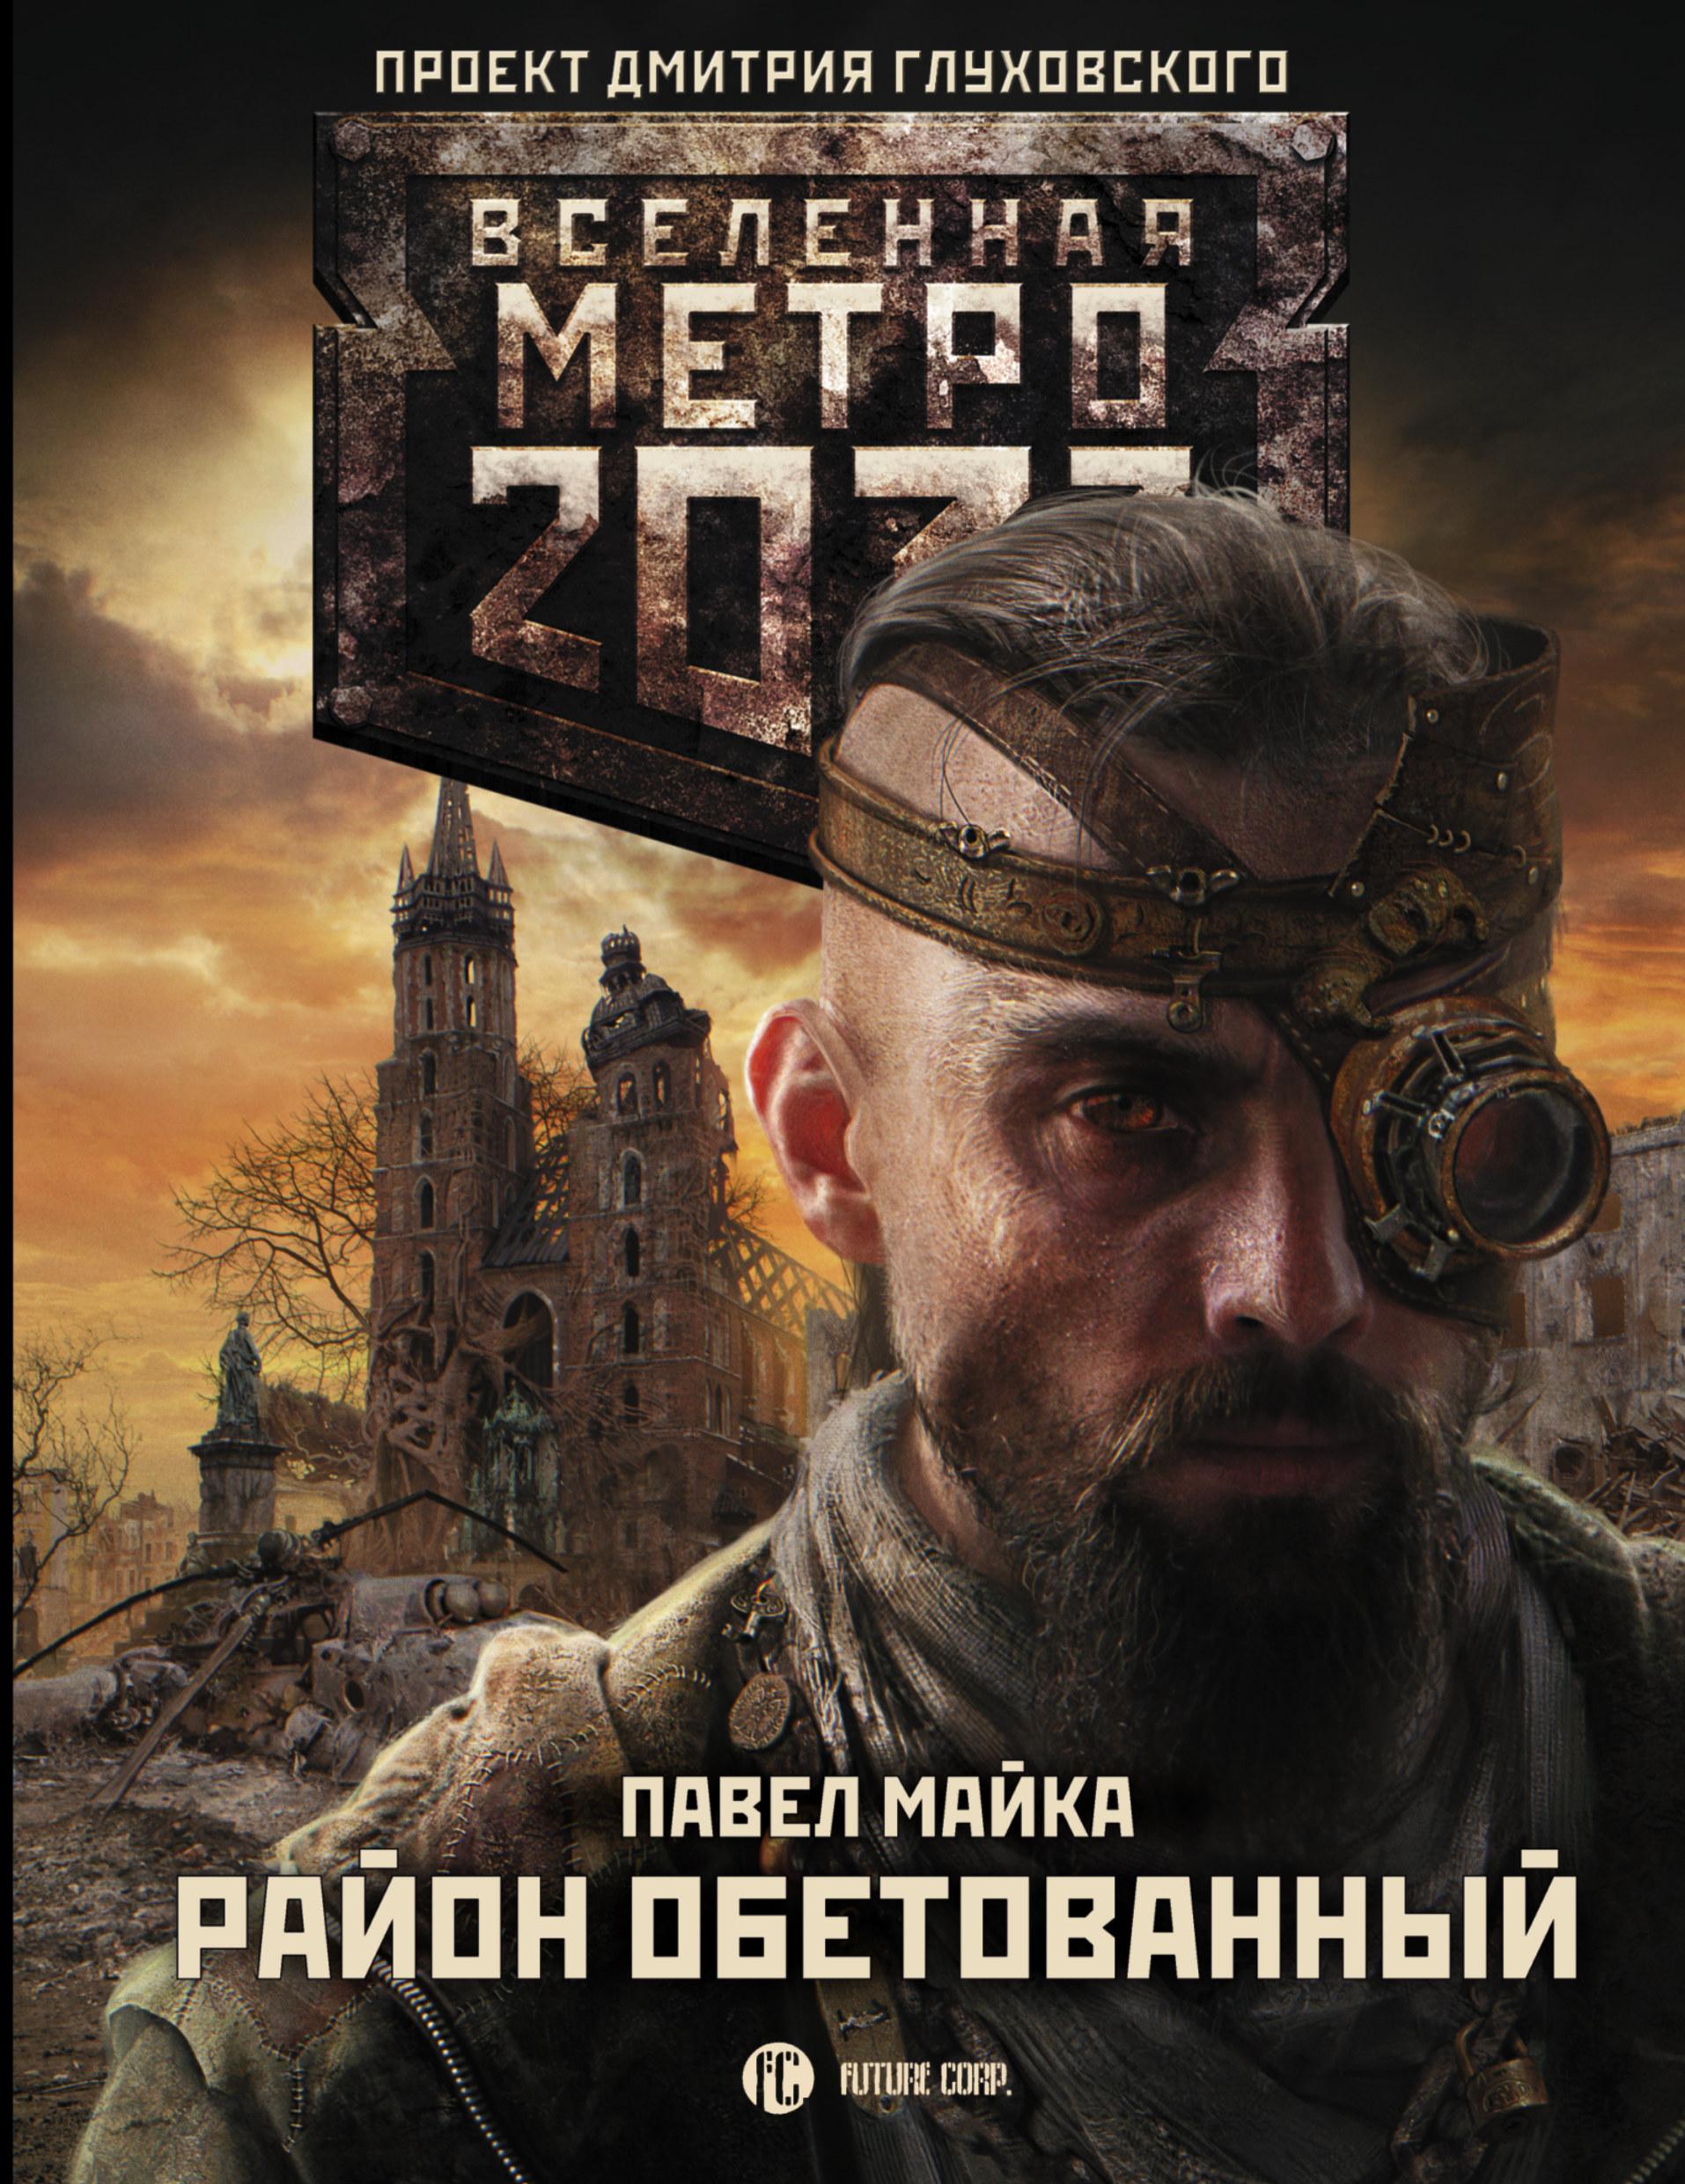 Павел Майка Метро 2033: Район обетованный